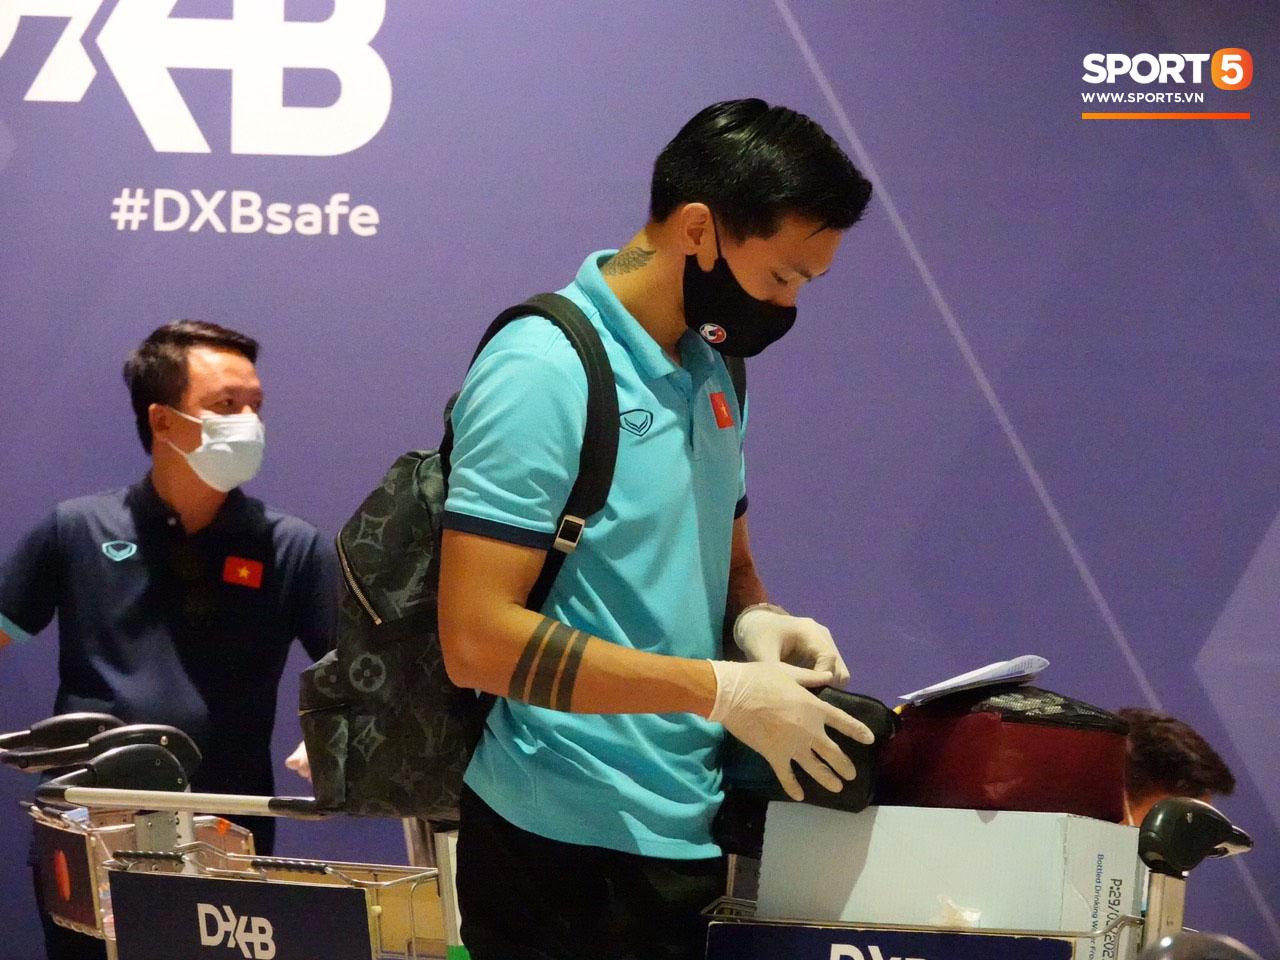 Tuyển Việt Nam lên chuyến bay lúc nửa đêm để về nước sau khi giành được chiến tích lịch sử tại vòng loại World Cup - Ảnh 3.